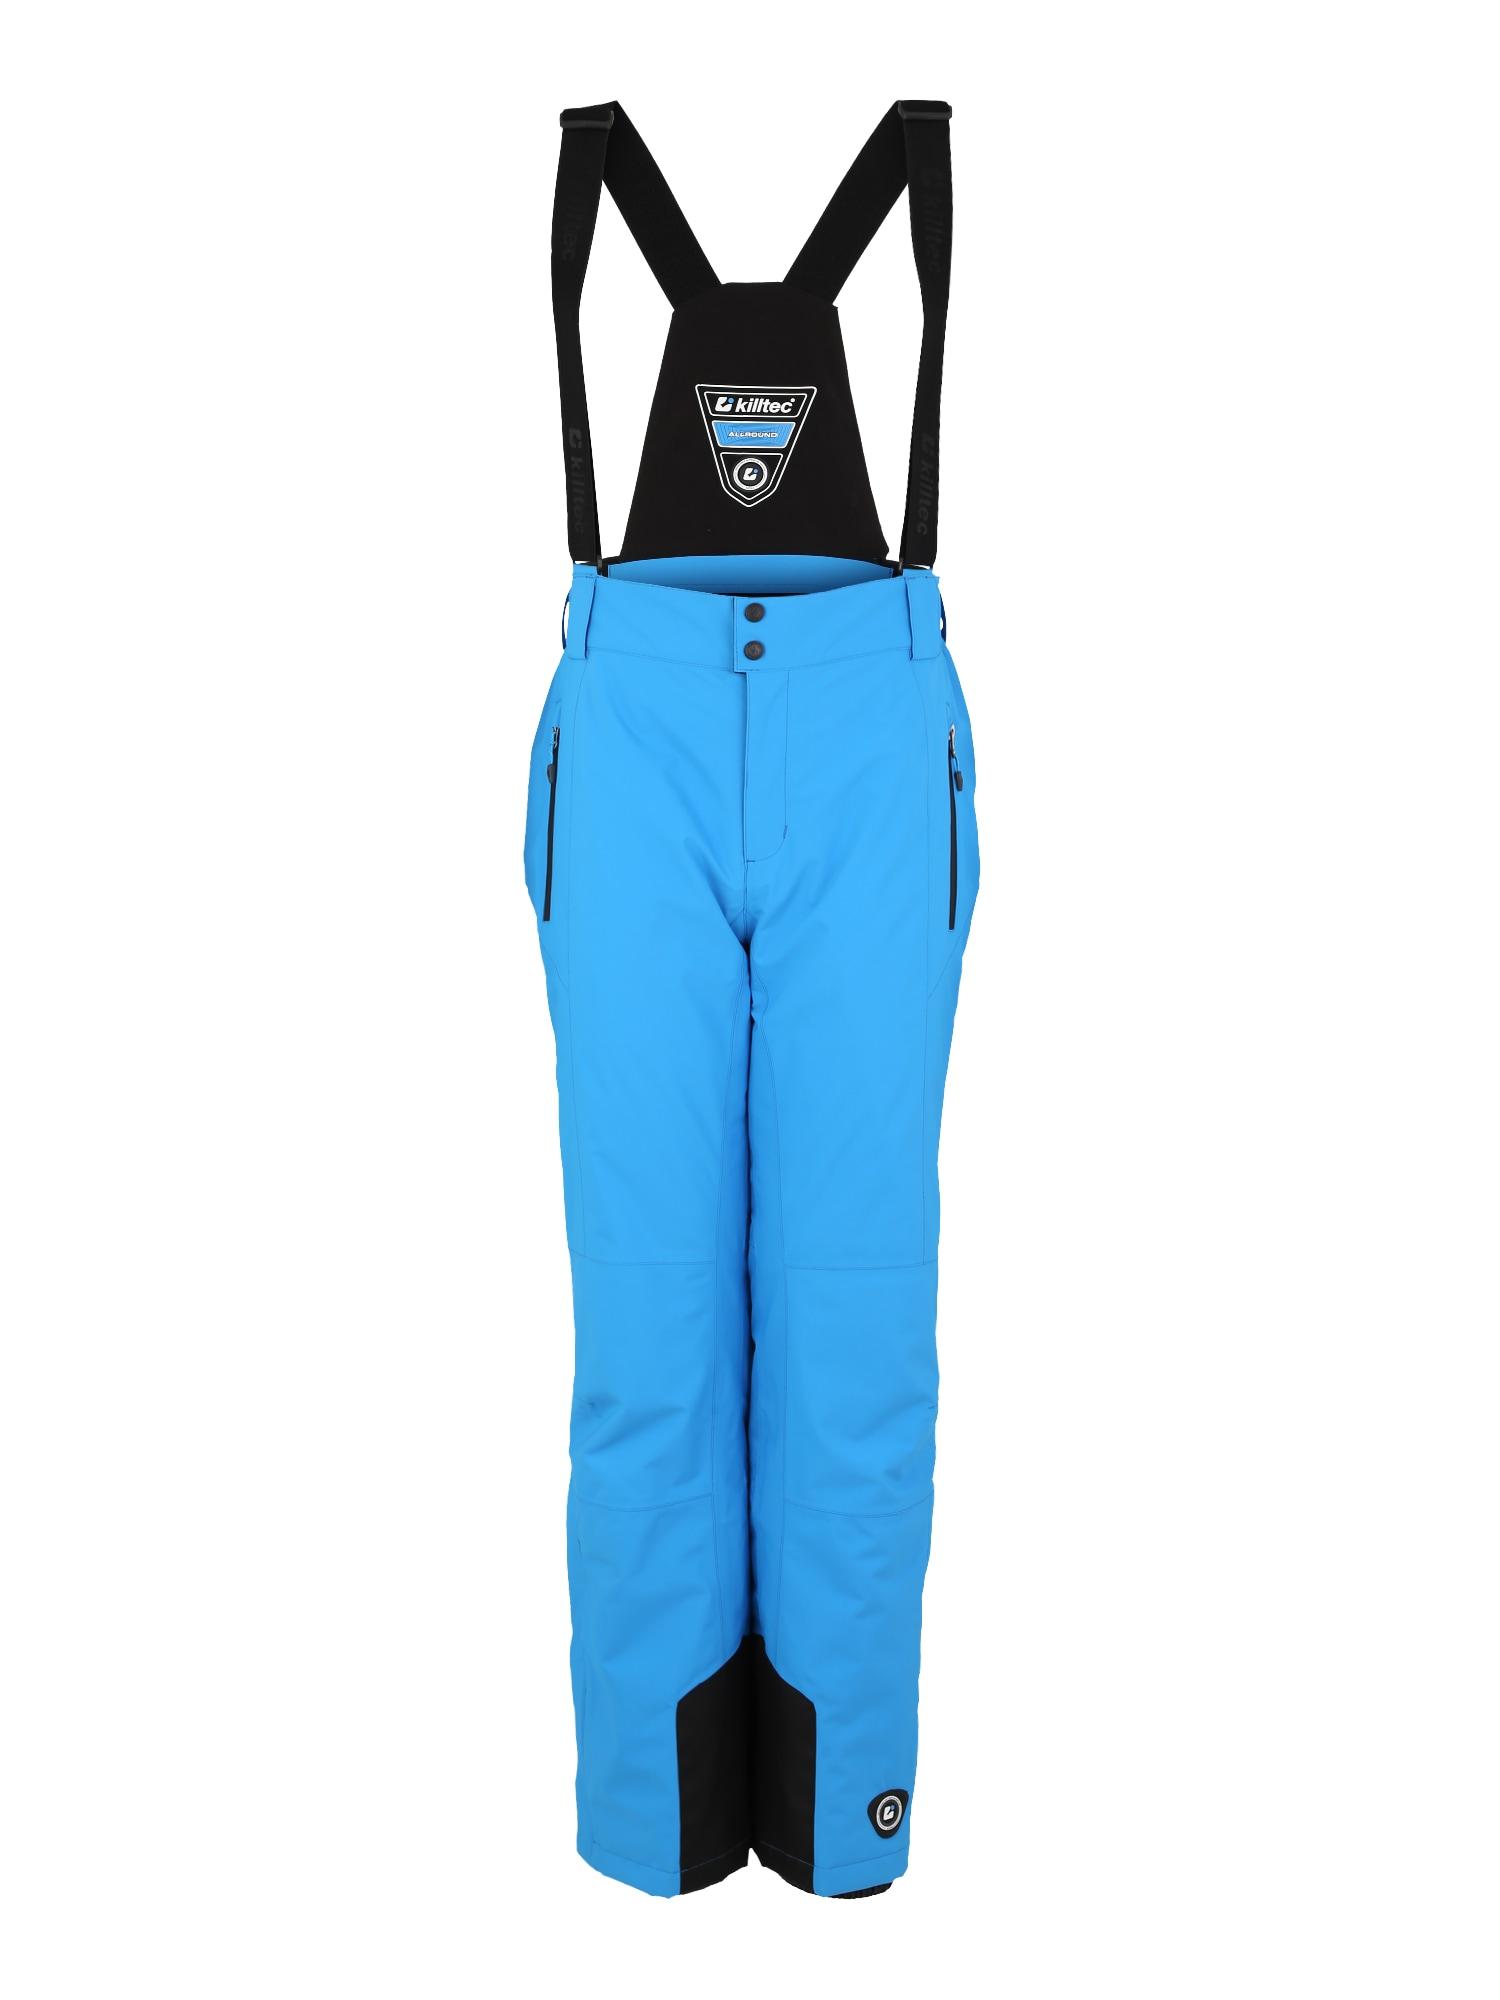 Outdoorové kalhoty Enosh modrá KILLTEC